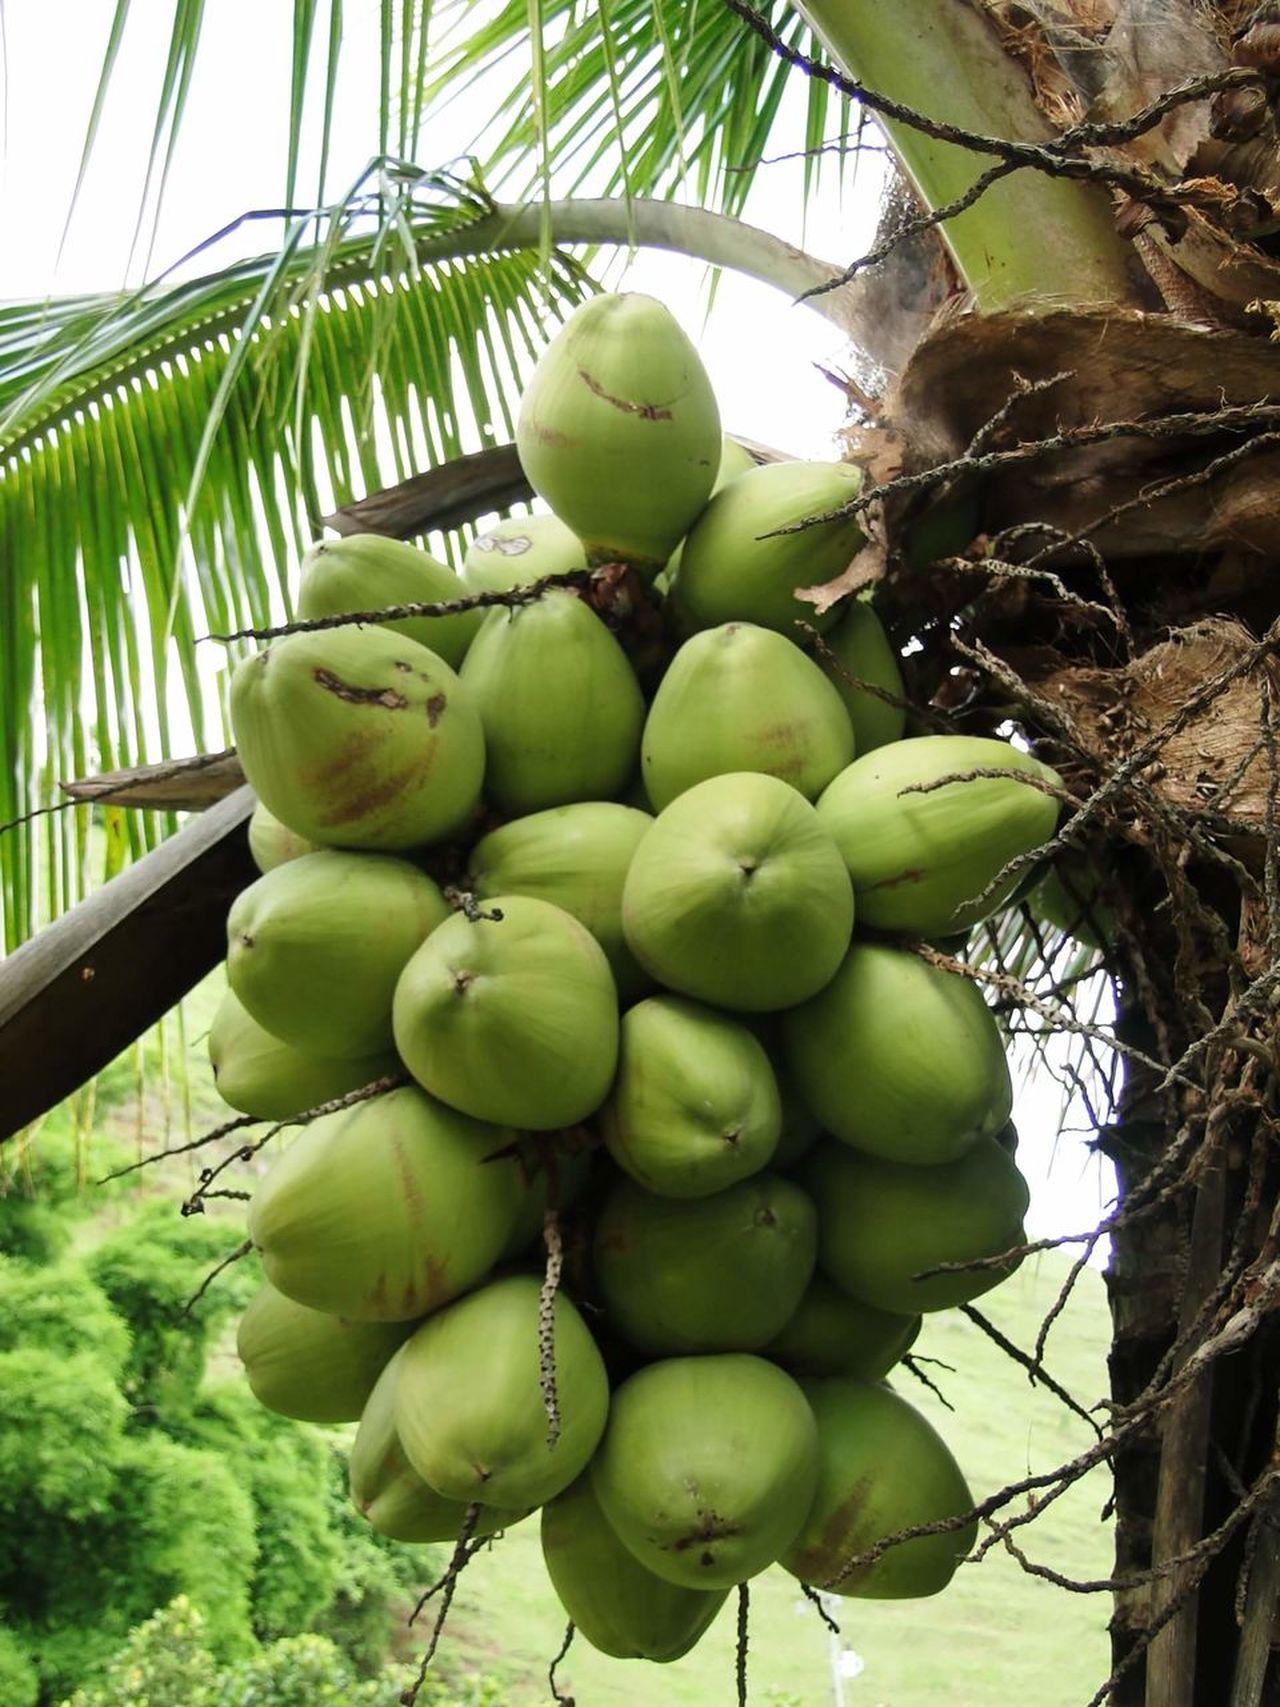 🌴 Fruit Tree Healthy Eating Food And Drink Coconut Palm Tree Coconut Coconut Tree Coconuts Coconut Water Água De Coco  Coco Frutas Frutas Frescas Fresh Fruits Fruit Tree Coconuts🌴